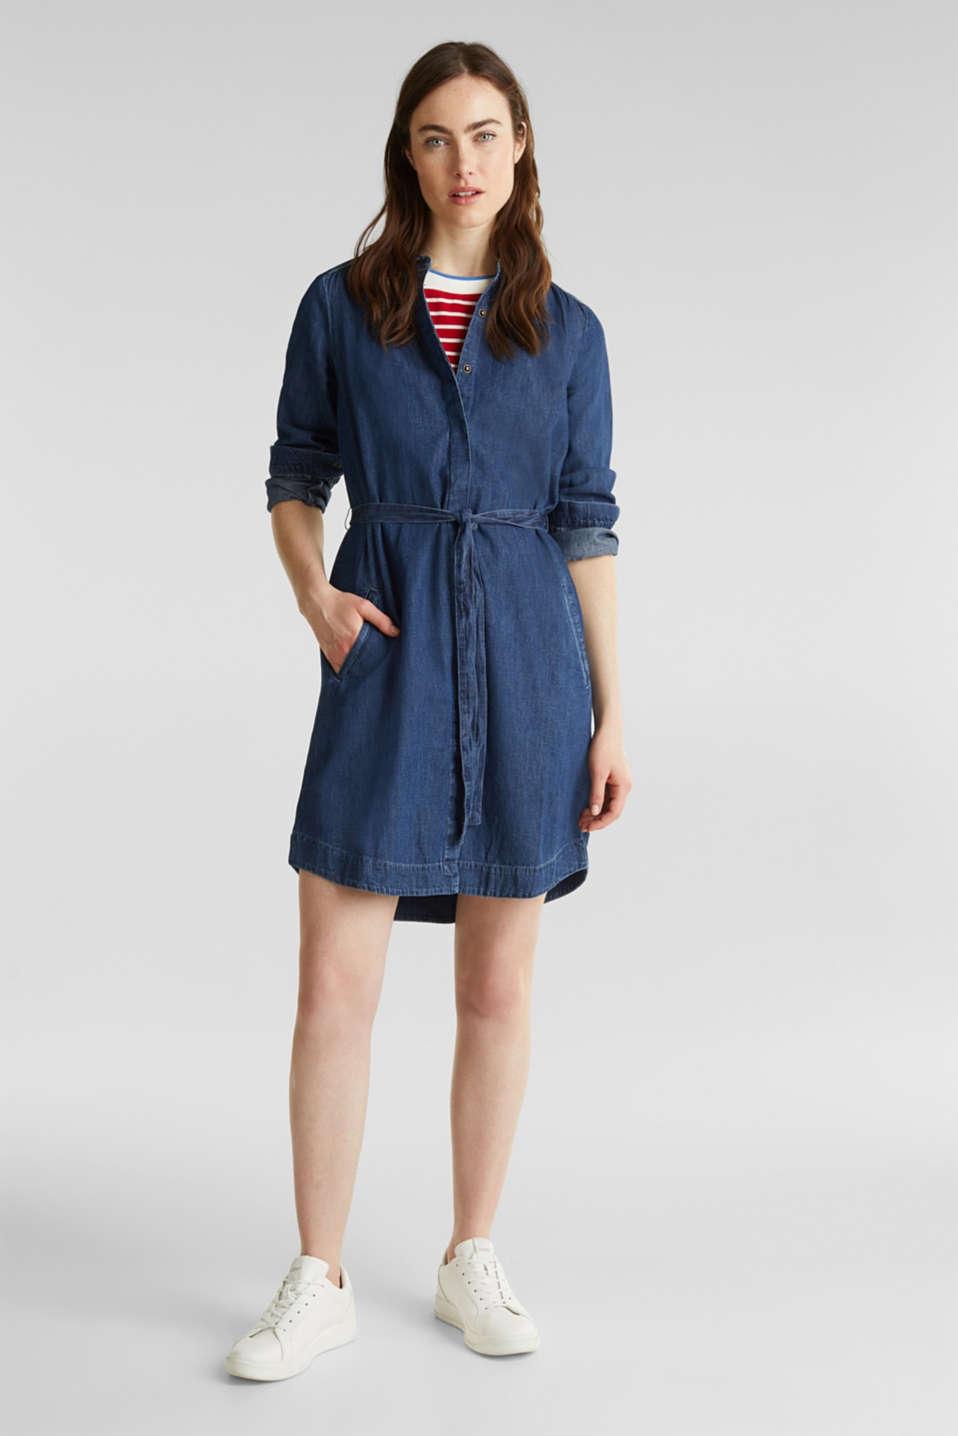 Denim dress with a tie-around belt, 100% cotton, BLUE MEDIUM WASH, detail image number 1